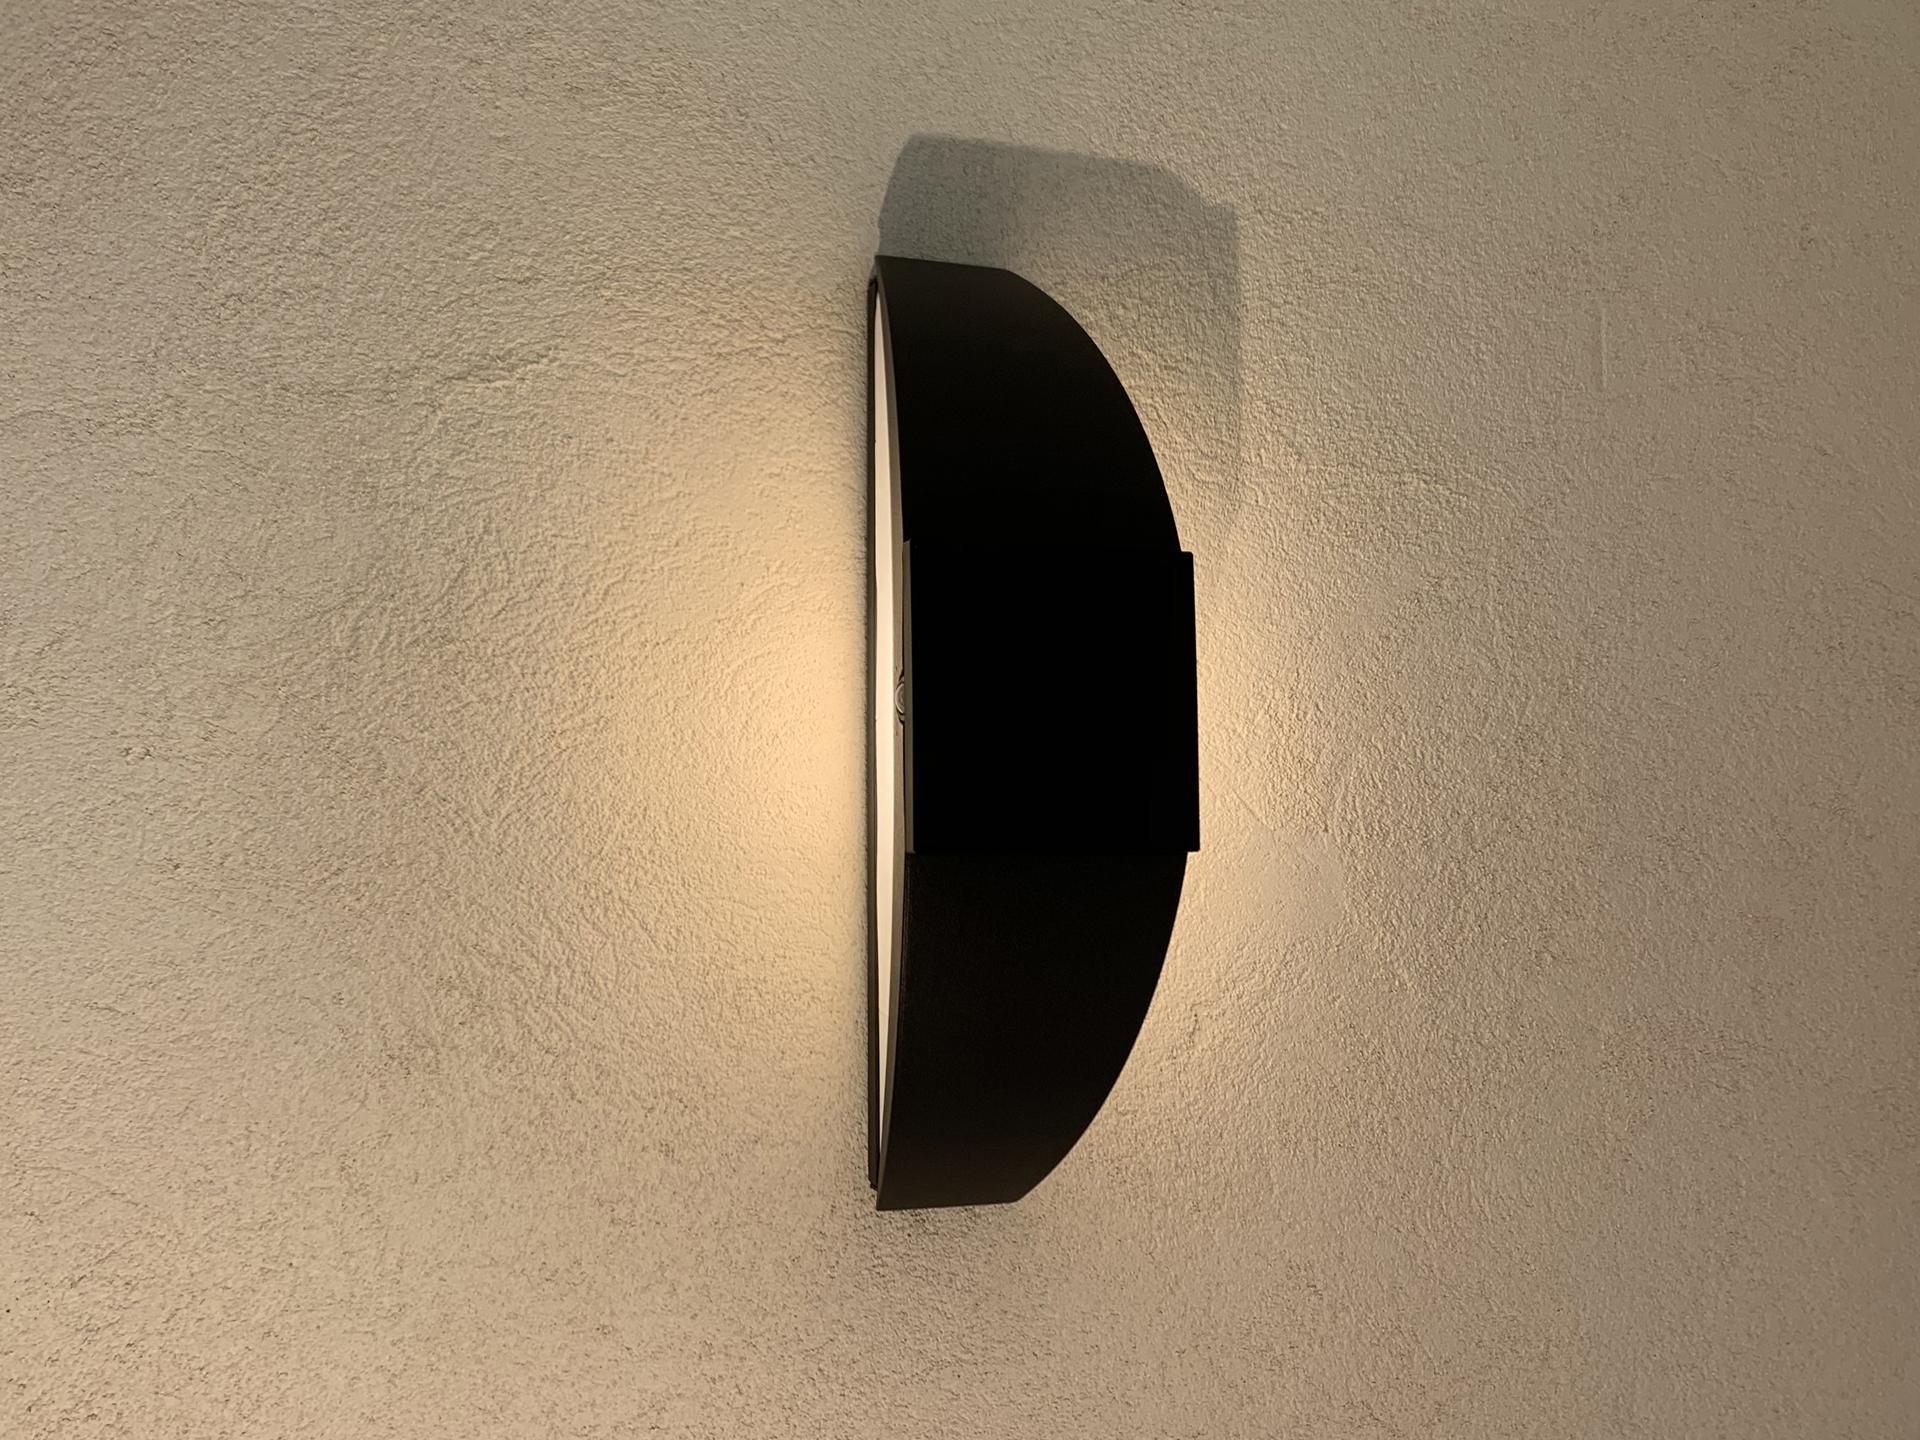 L'applique extérieur solaire Trait de Lune est une lampe extérieur murale solaire éditée par LYX Luminaires fabriquée en acier. Cette applique extérieur puissante permet un éclairage performant et un éclairage unique grâce à son design original. L'applique solaire murale Trait de Lune dispose d'un capteur solaire performant. L'applique extérieur design Trait de Lune est idéale pour l'éclairage de façade, l'éclairage mural, l'éclairage d'entrée, l'éclairage de terrasse, l'éclairage de balcon. Les lampes d'extérieur solaires murales LYX Luminaires offrent un éclairage design un éclairage original et un éclairage moderne. La lampe d'extérieur murale solaire Trait de Lune est déclinée en borne d'extérieur LED, en spot LED, en applique murale LED et en borne extérieure solaire. Les lampes extérieures murales LYX Luminaires offrent un éclairage moderne. / The Trait de Lune solar outdoor wall lamp is a solar wall lamp edited by LYX Luminaires made of steel. This powerful outdoor wall light provides high performance and unique lighting thanks to its original design. The Trait de Lune solar wall lamp has a high-performance solar collector. The Trait de Lune design outdoor wall light is ideal for facade lighting, wall lighting, entrance lighting, terrace lighting, balcony lighting. LYX Luminaires solar wall outdoor wall lights offer design lighting, original lighting and modern lighting. The Trait de Lune solar outdoor wall lamp is available as LED outdoor pathway light, LED spotlight, LED wall light and solar outdoor pathway light. LYX Luminaires outdoor wall lights offer modern lighting.